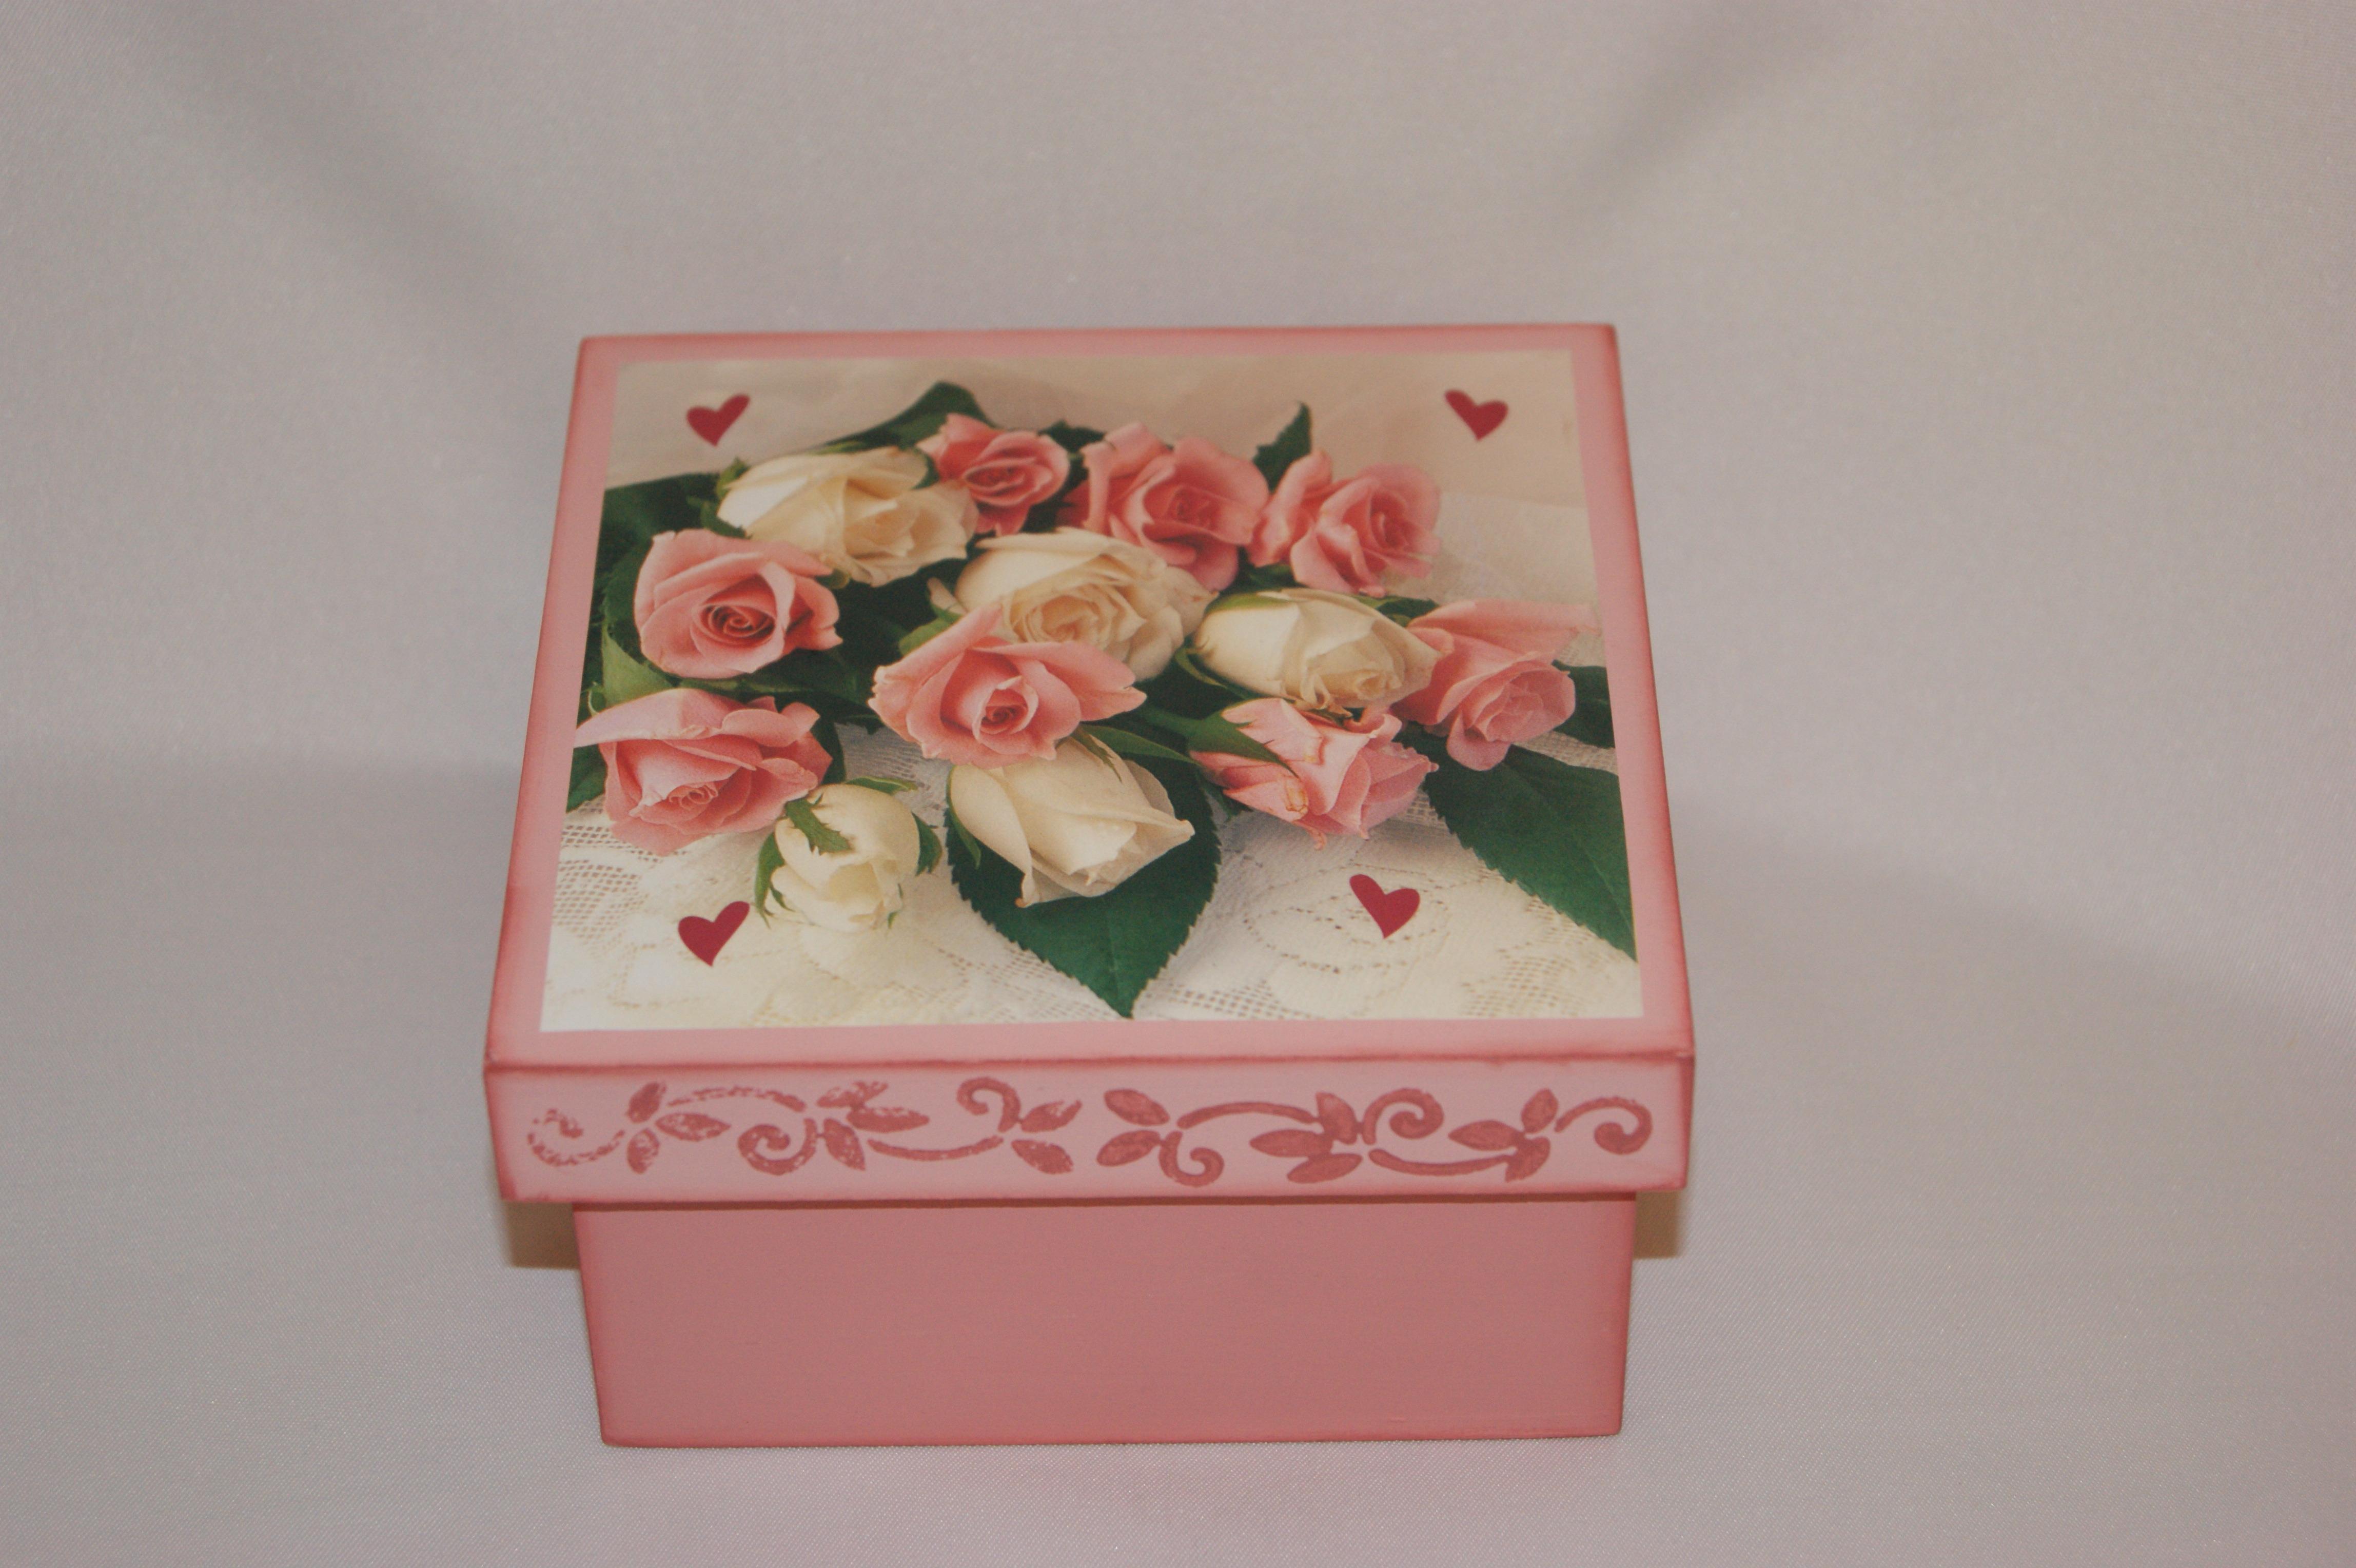 caixa madeira decoupage madeira caixa madeira decoupage decoupage #963F35 4592x3056